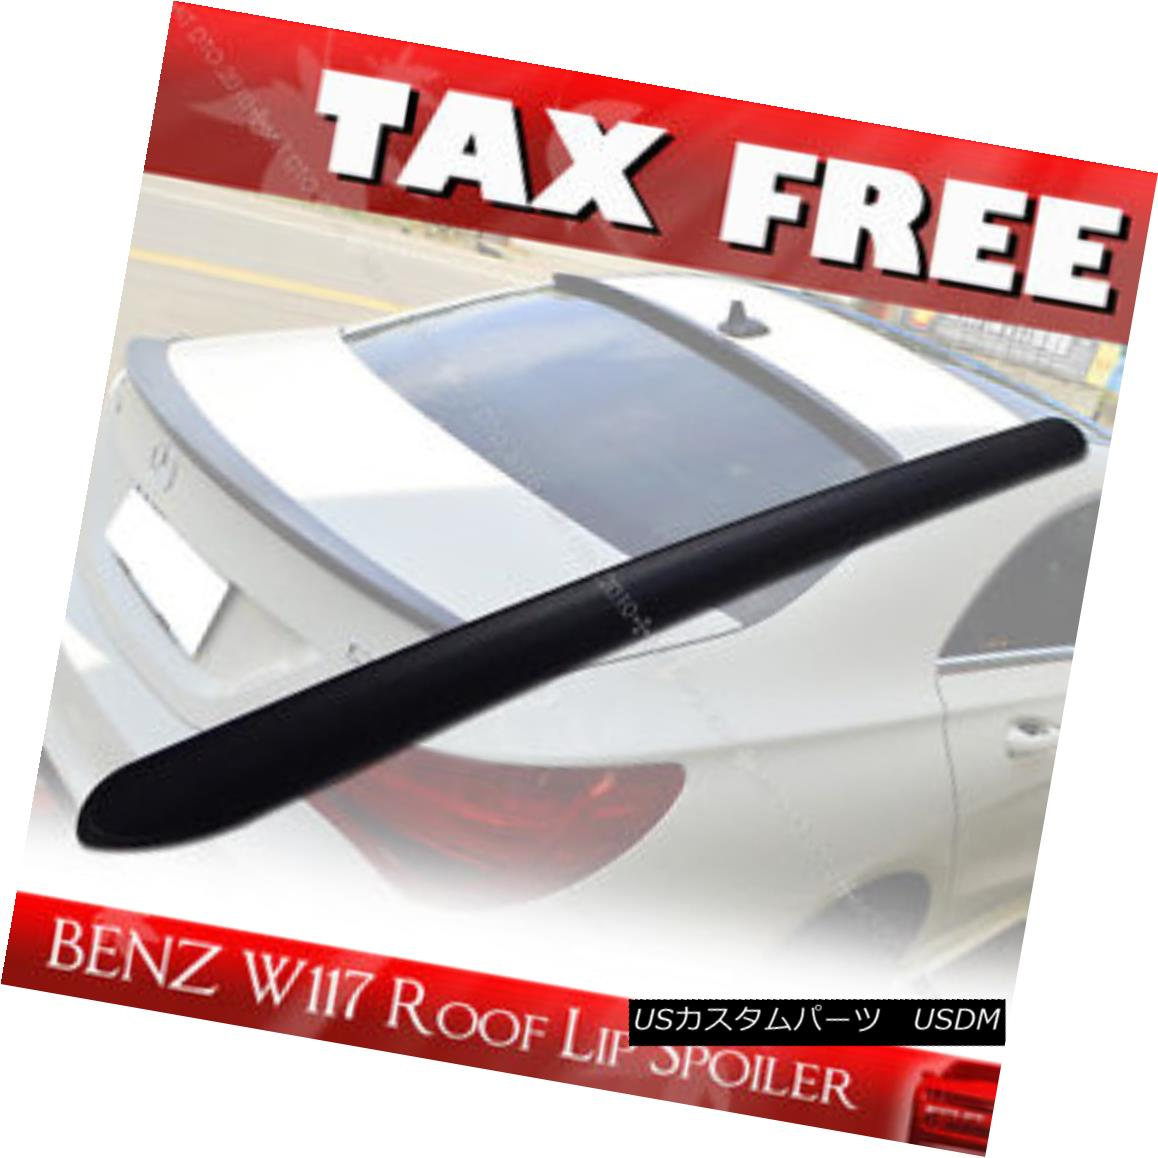 エアロパーツ Unpainted Mercedes BENZ C117 W117 PUF CLA180 Window Rear Roof Lip Spoiler§ 未塗装メルセデスベンツC117 W117 PUF CLA180ウインドリアルーフスポイラー